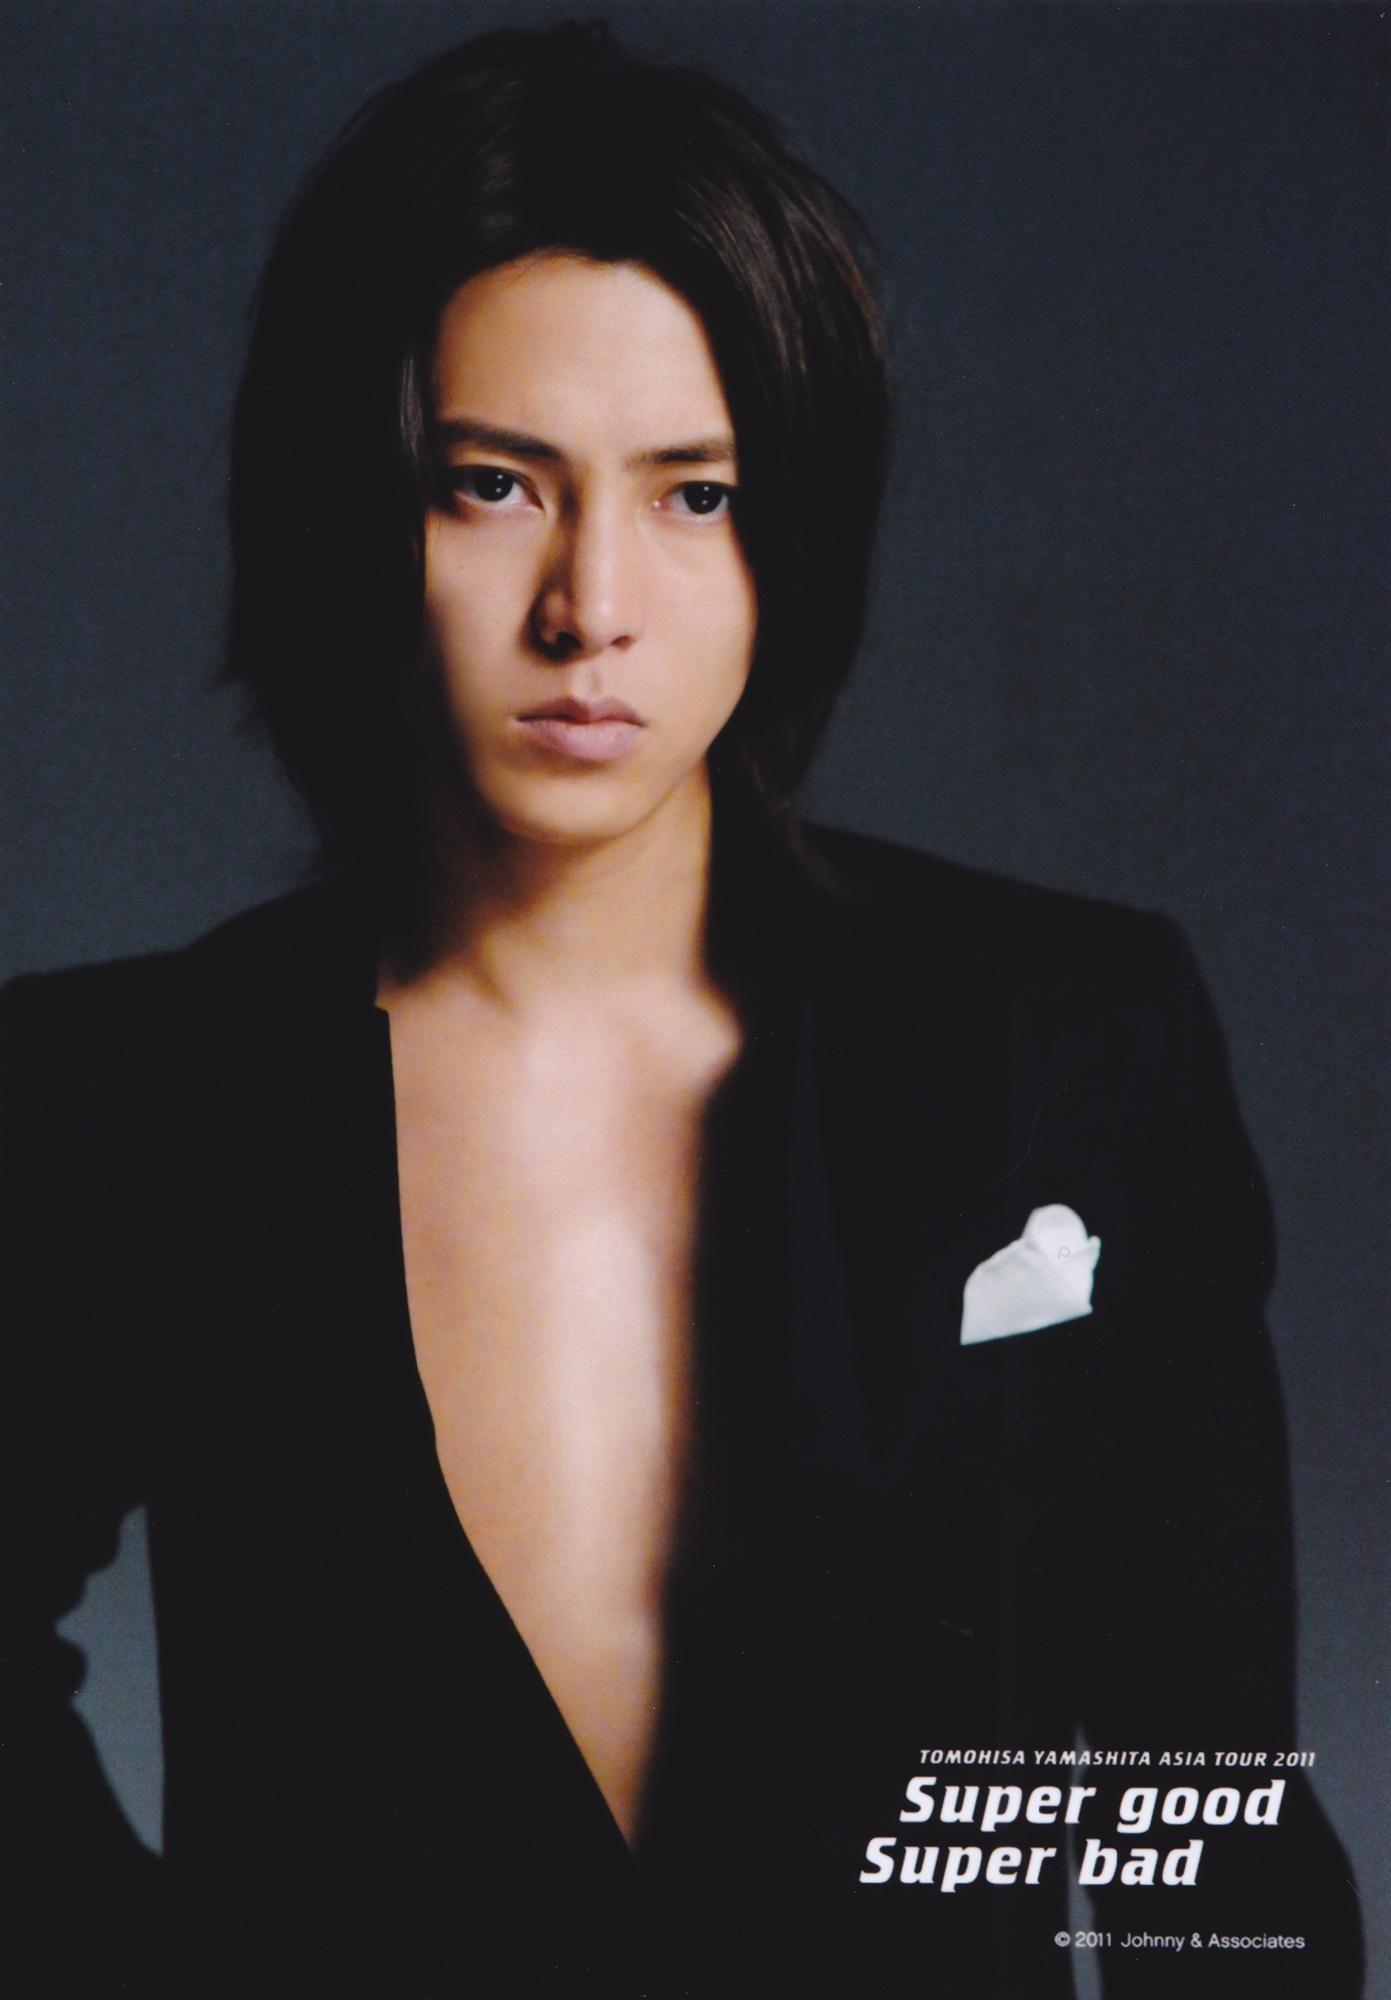 Tomohisa Yamashita | Official Site for Man Crush Monday #